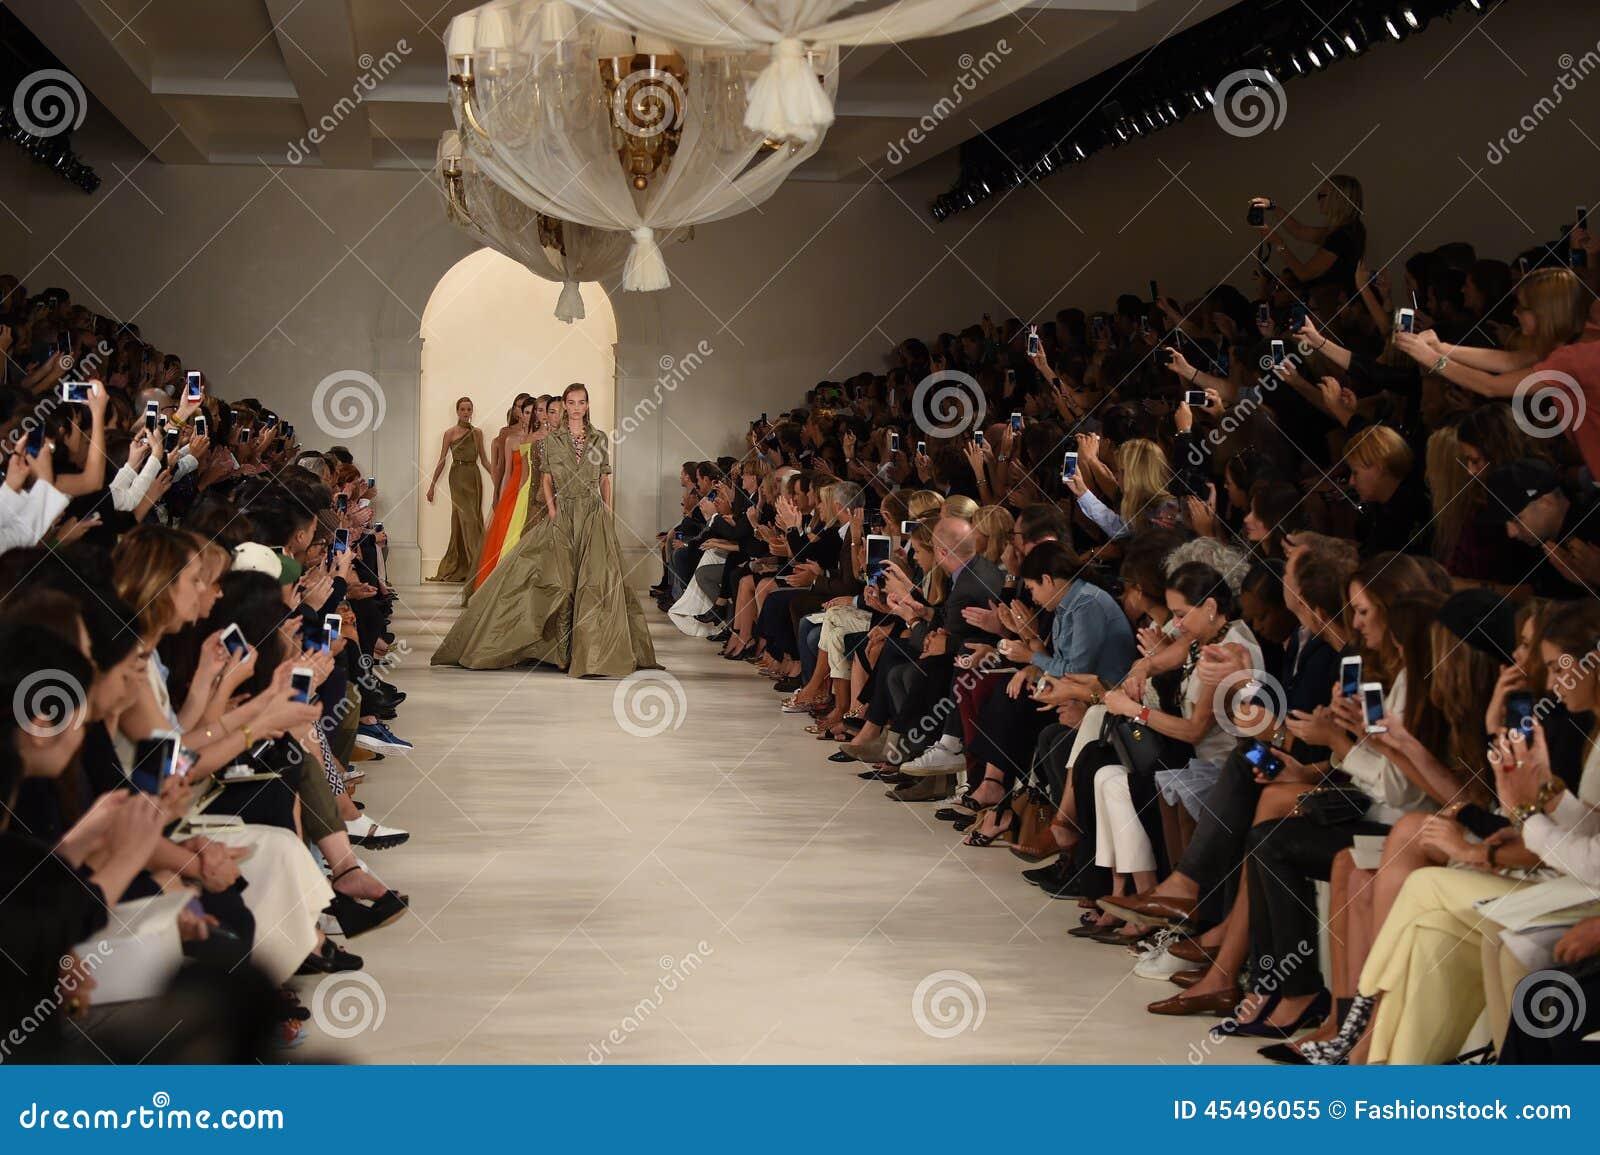 NEW YORK, NY - 11 SEPTEMBRE : Promenade de modèles la finale de piste au défilé de mode de Ralph Lauren